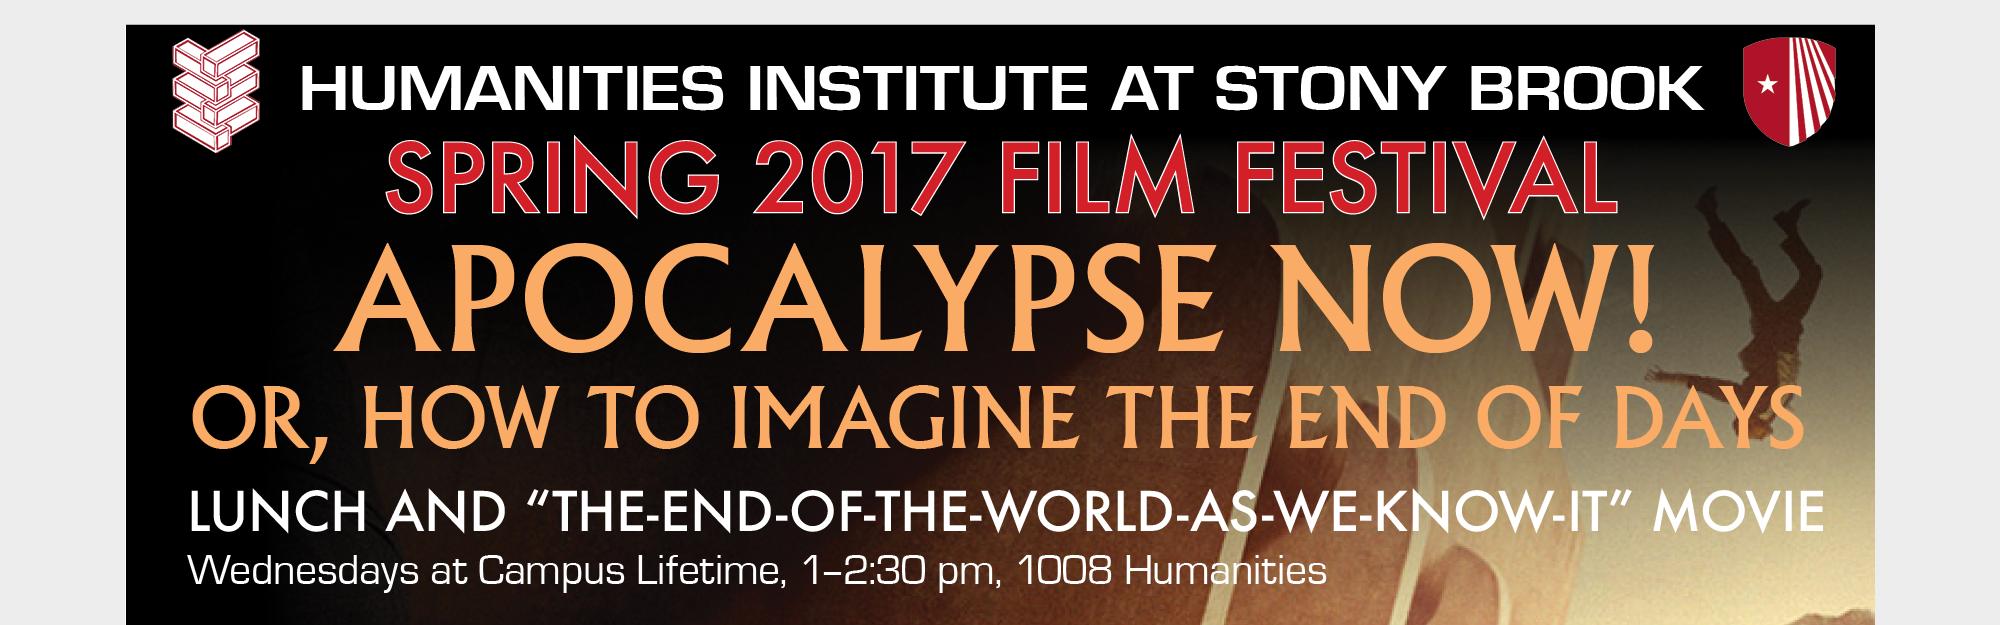 Apocalypse Now! Film Festival